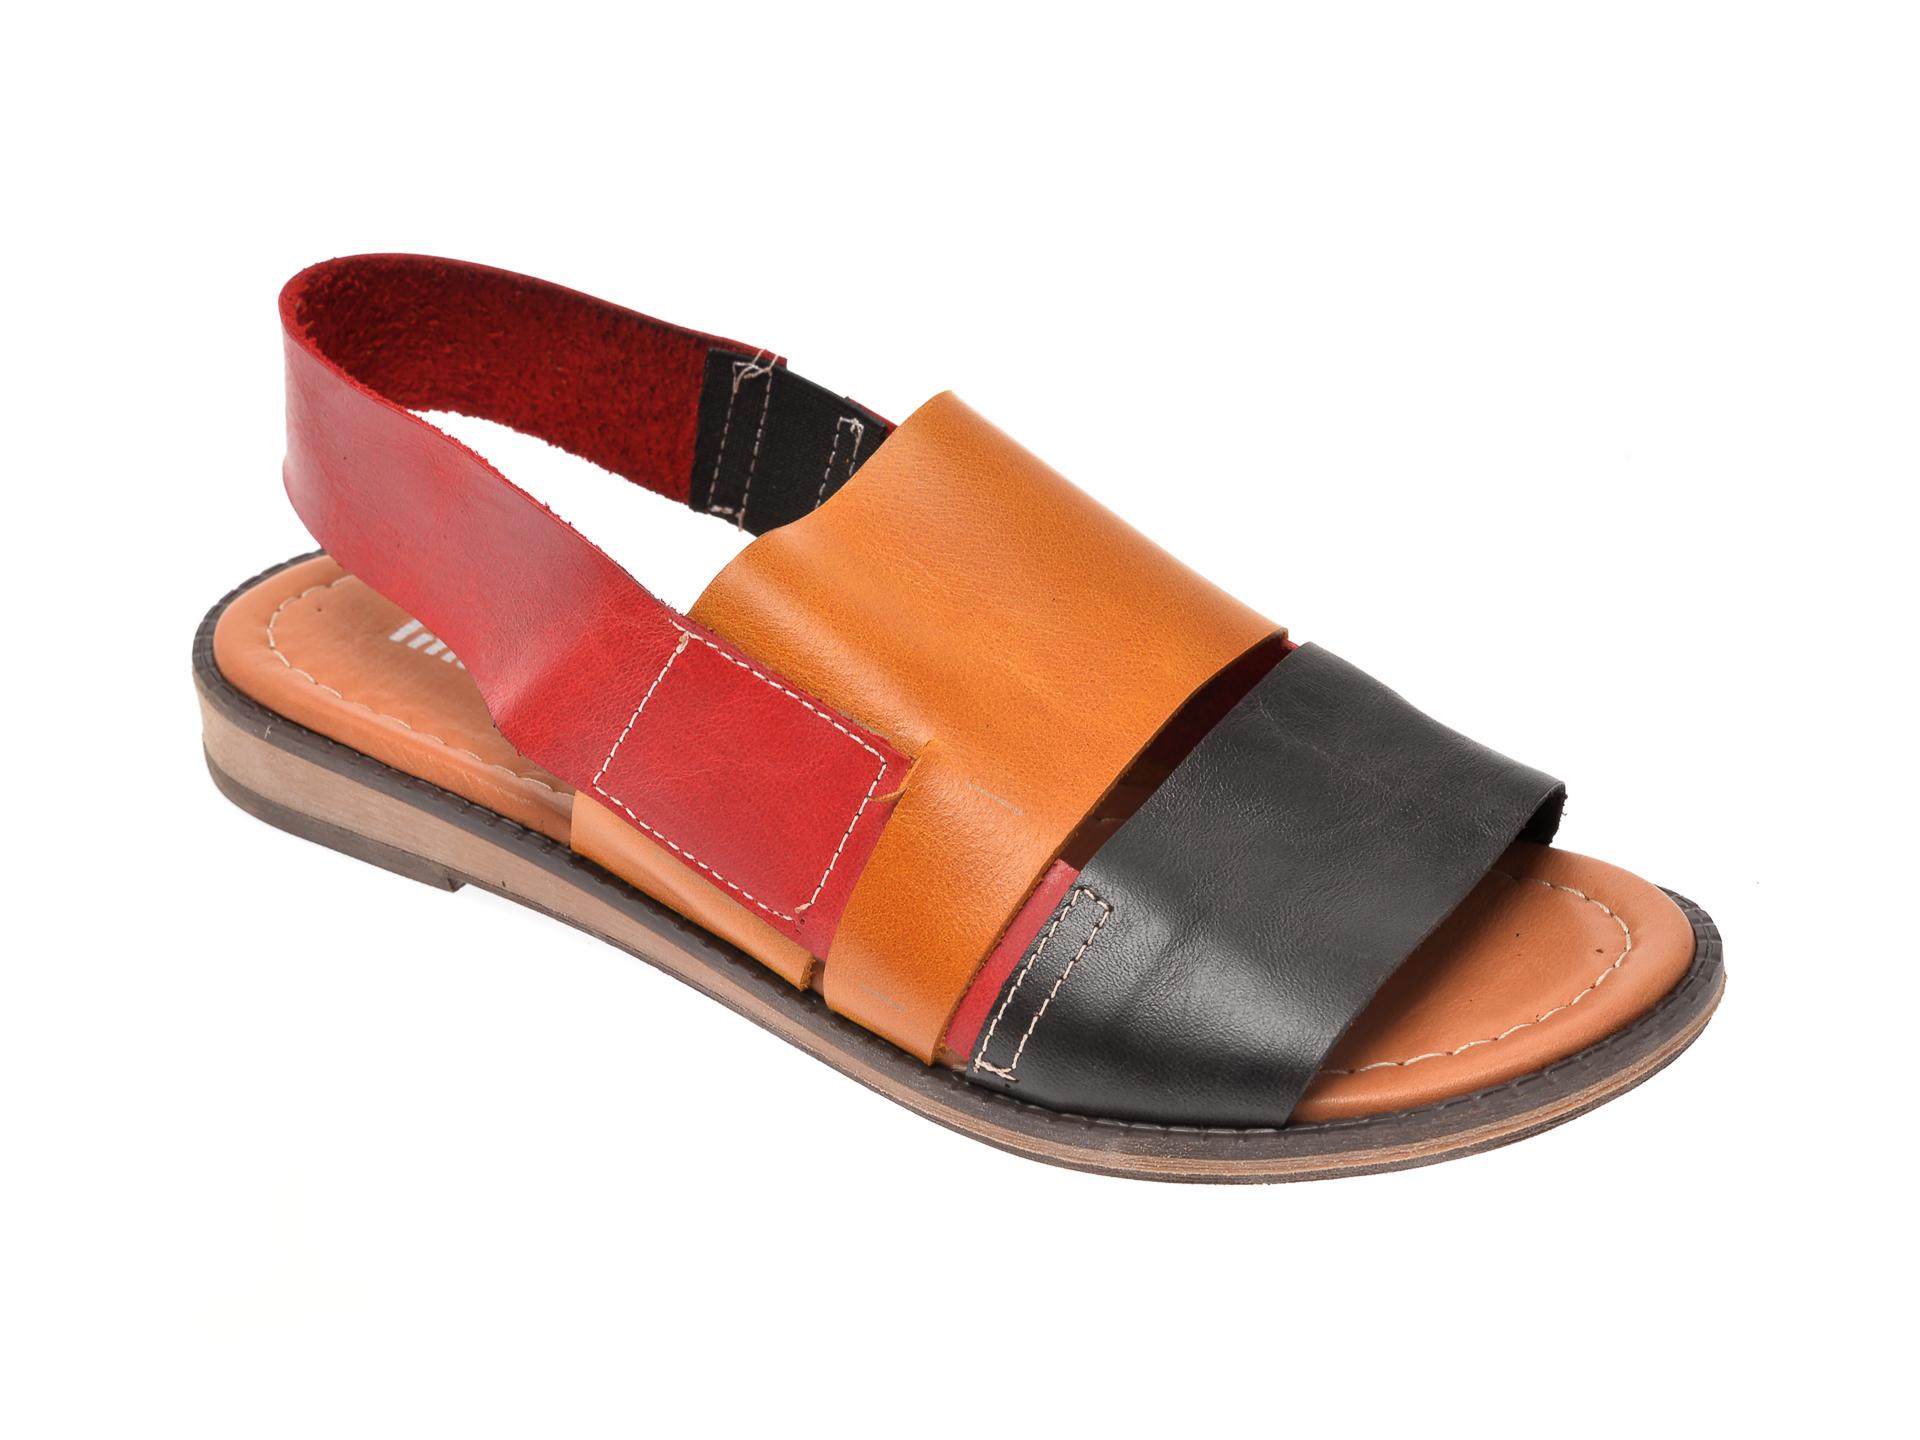 Sandale IMAGE multicolor, 122, din piele naturala imagine